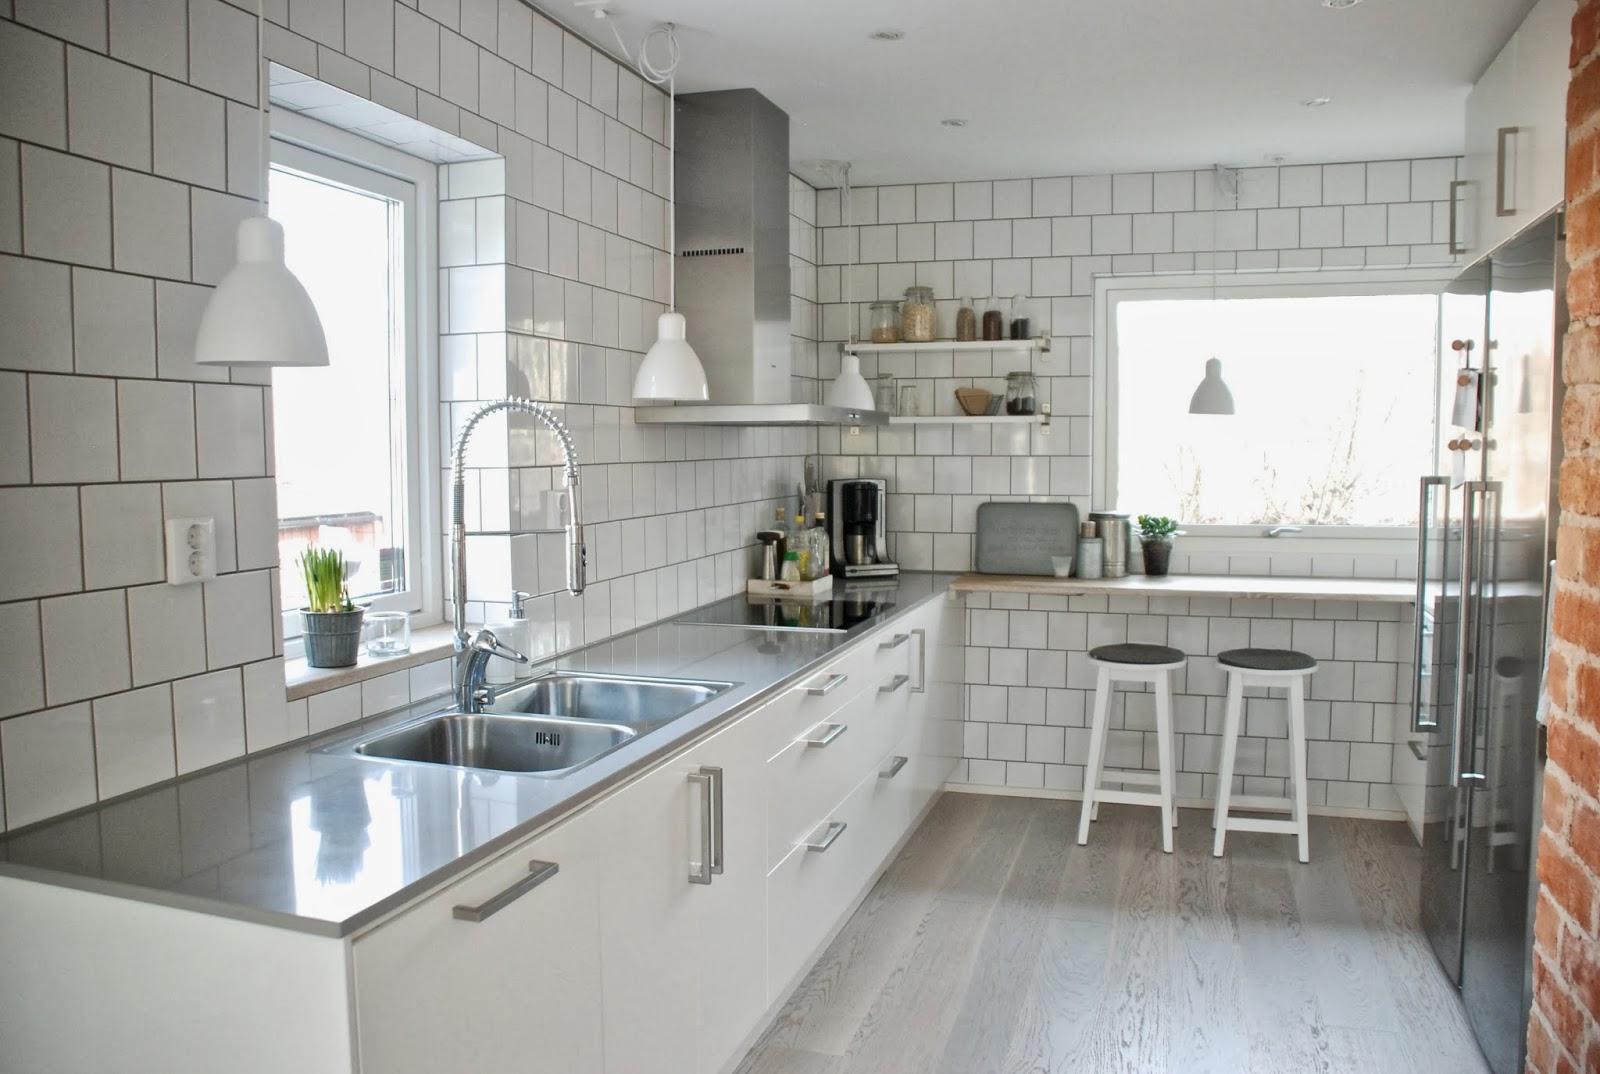 Lantligt Kok Utan overskap : lantligt kok utan overskop  Ljust och lantligt kok Lidhults